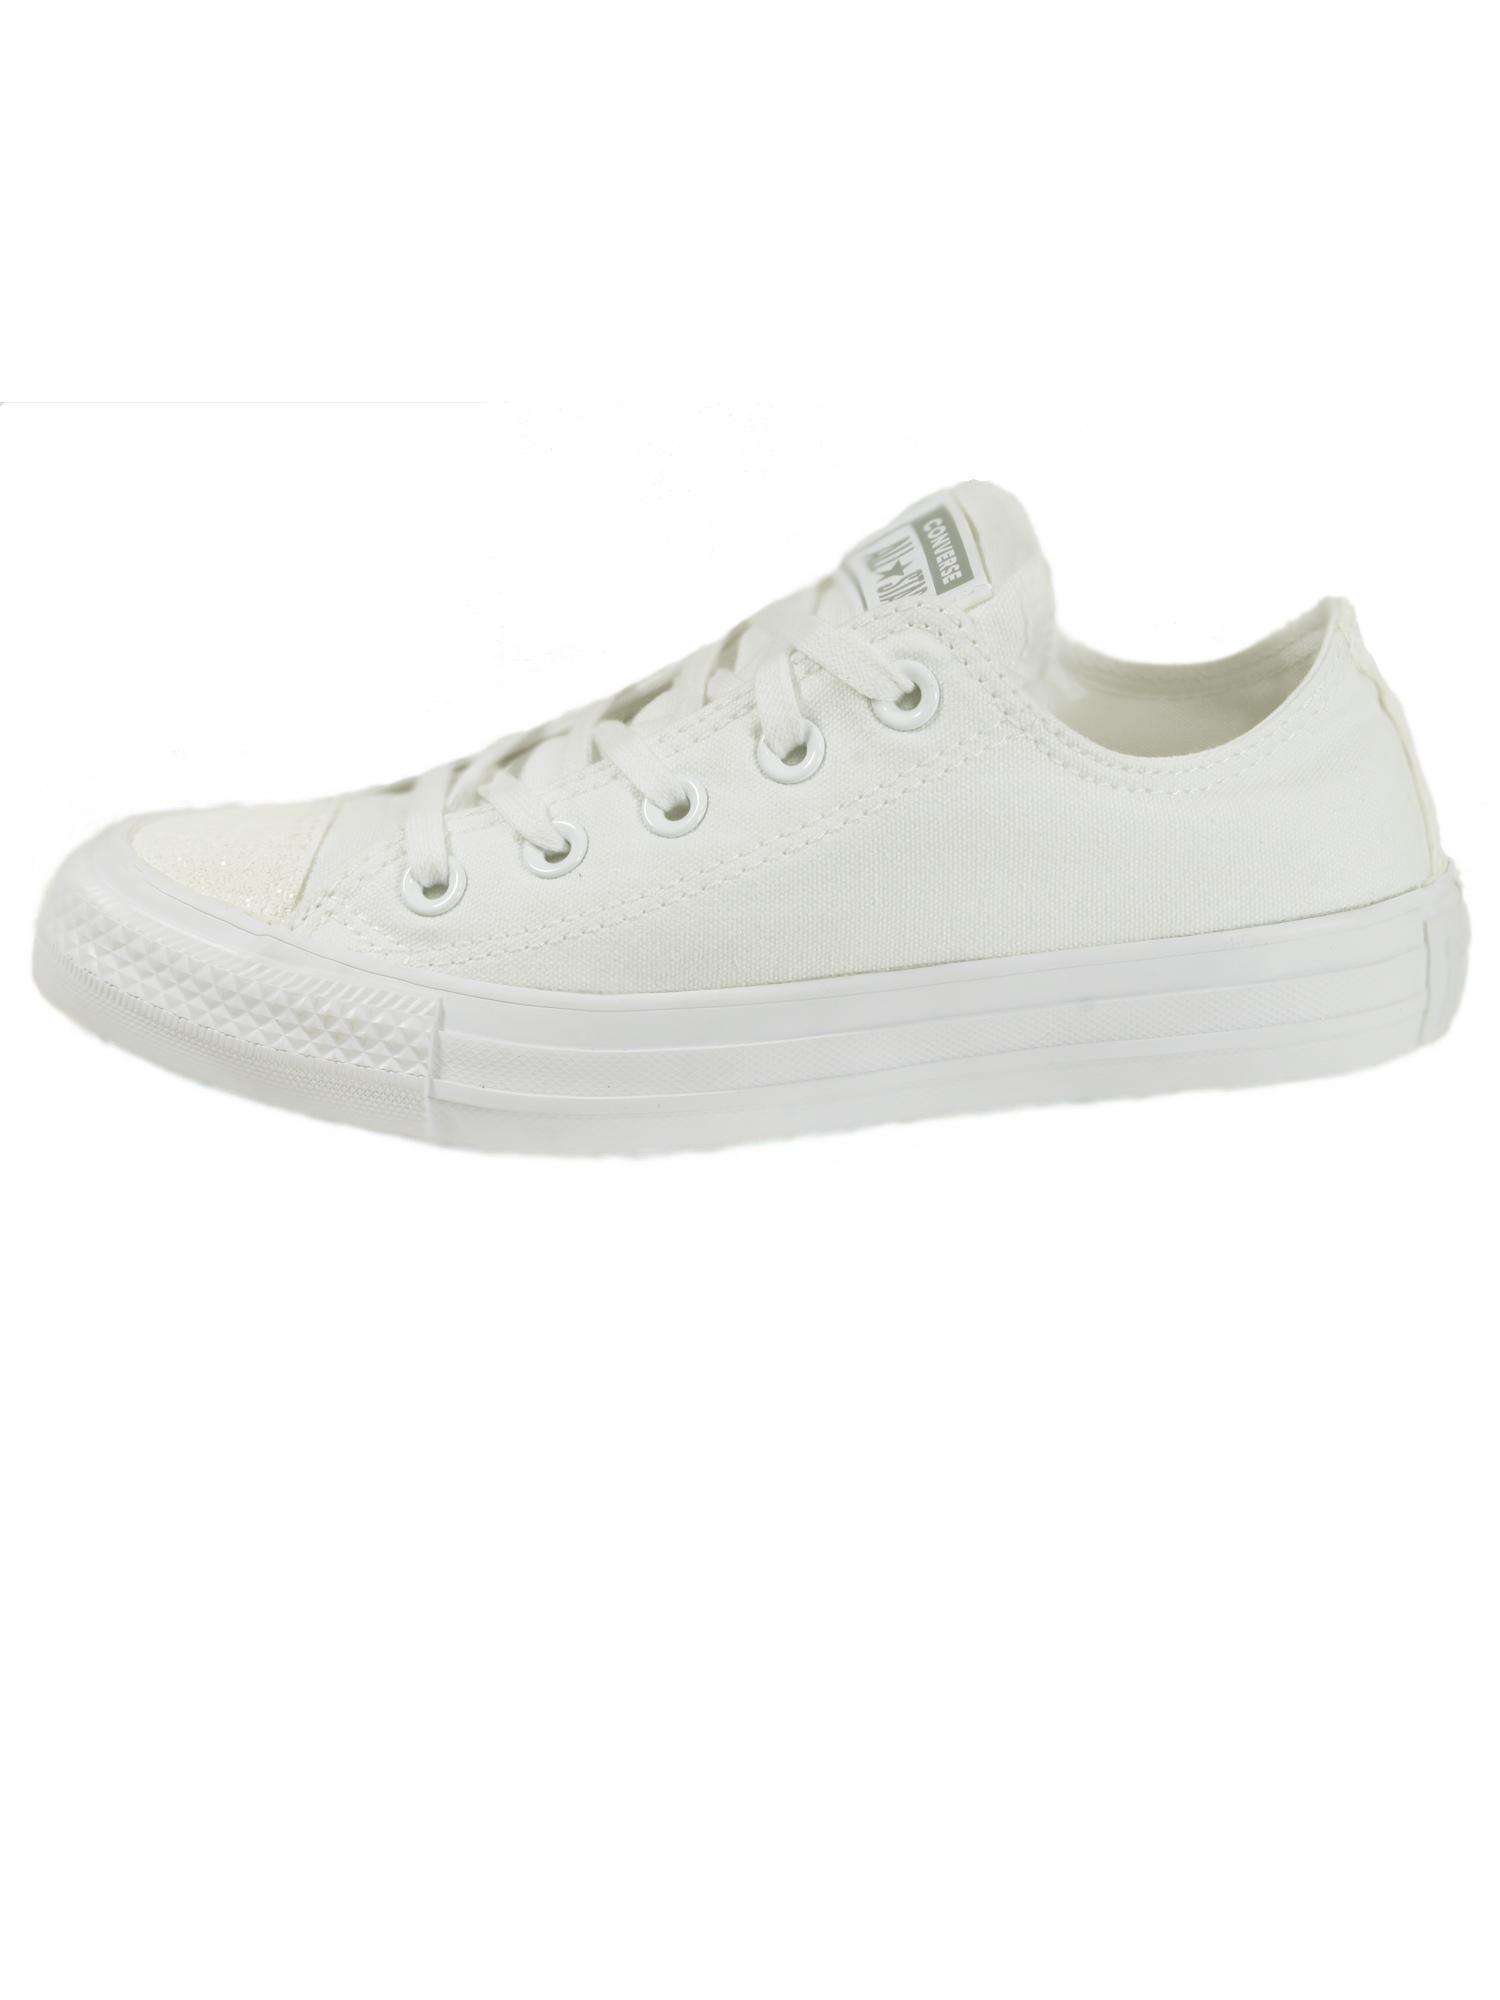 Converse Damen Schuhe CT All Star Ox Weiß Leinen Sneakers Gr. 36, 5